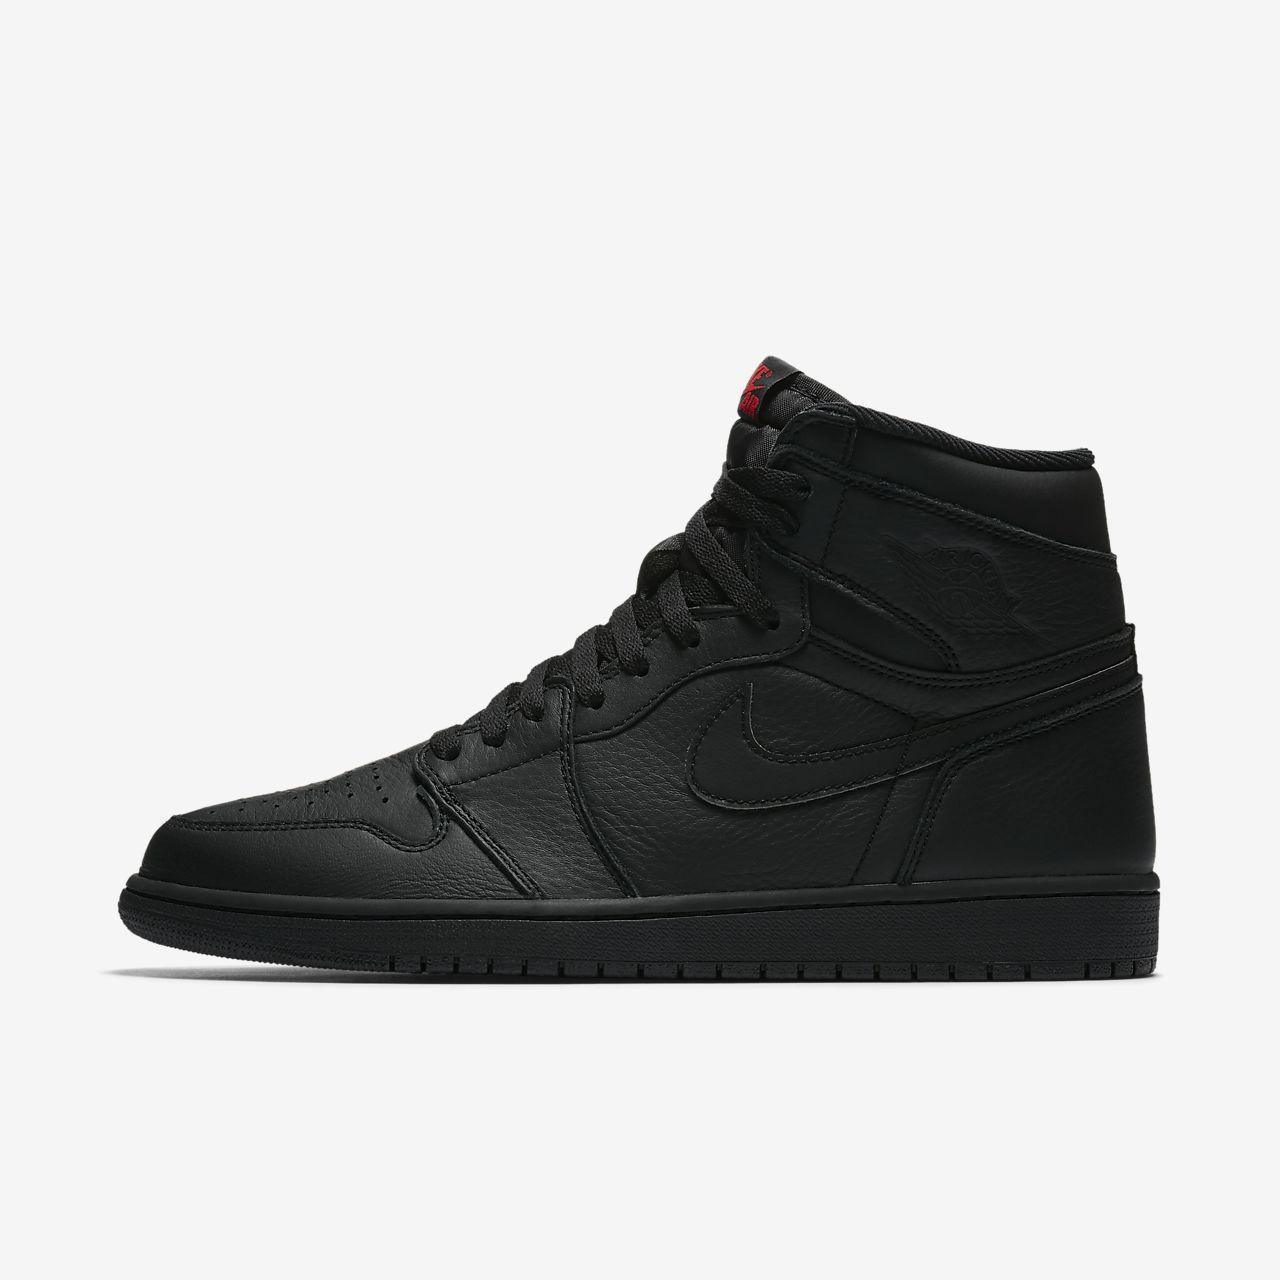 Nike Air Jordan 1 Rétro